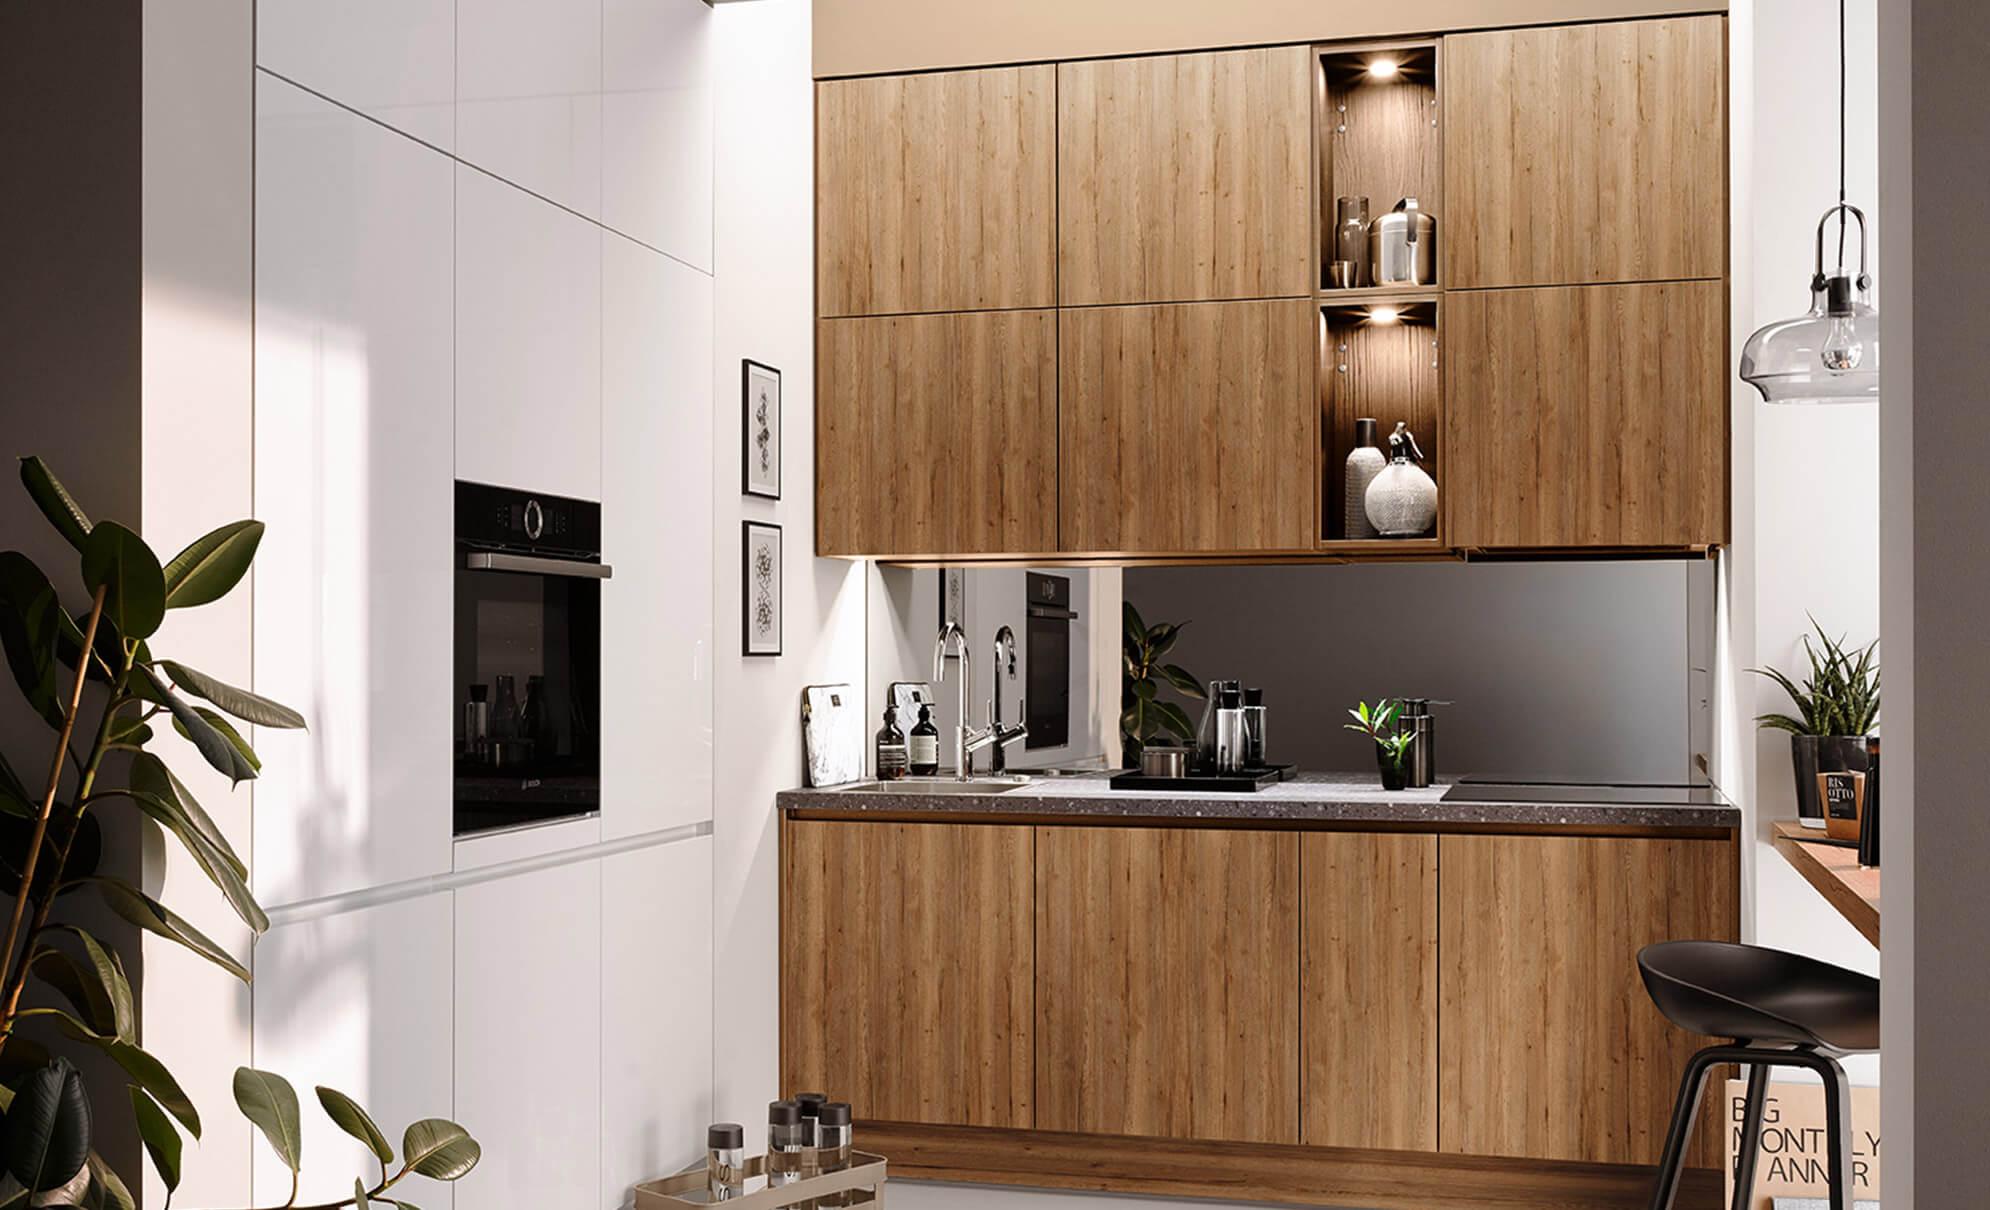 Küchenzeile grifflos in Alteiche und Weiß mit deckenhohen Oberschränken